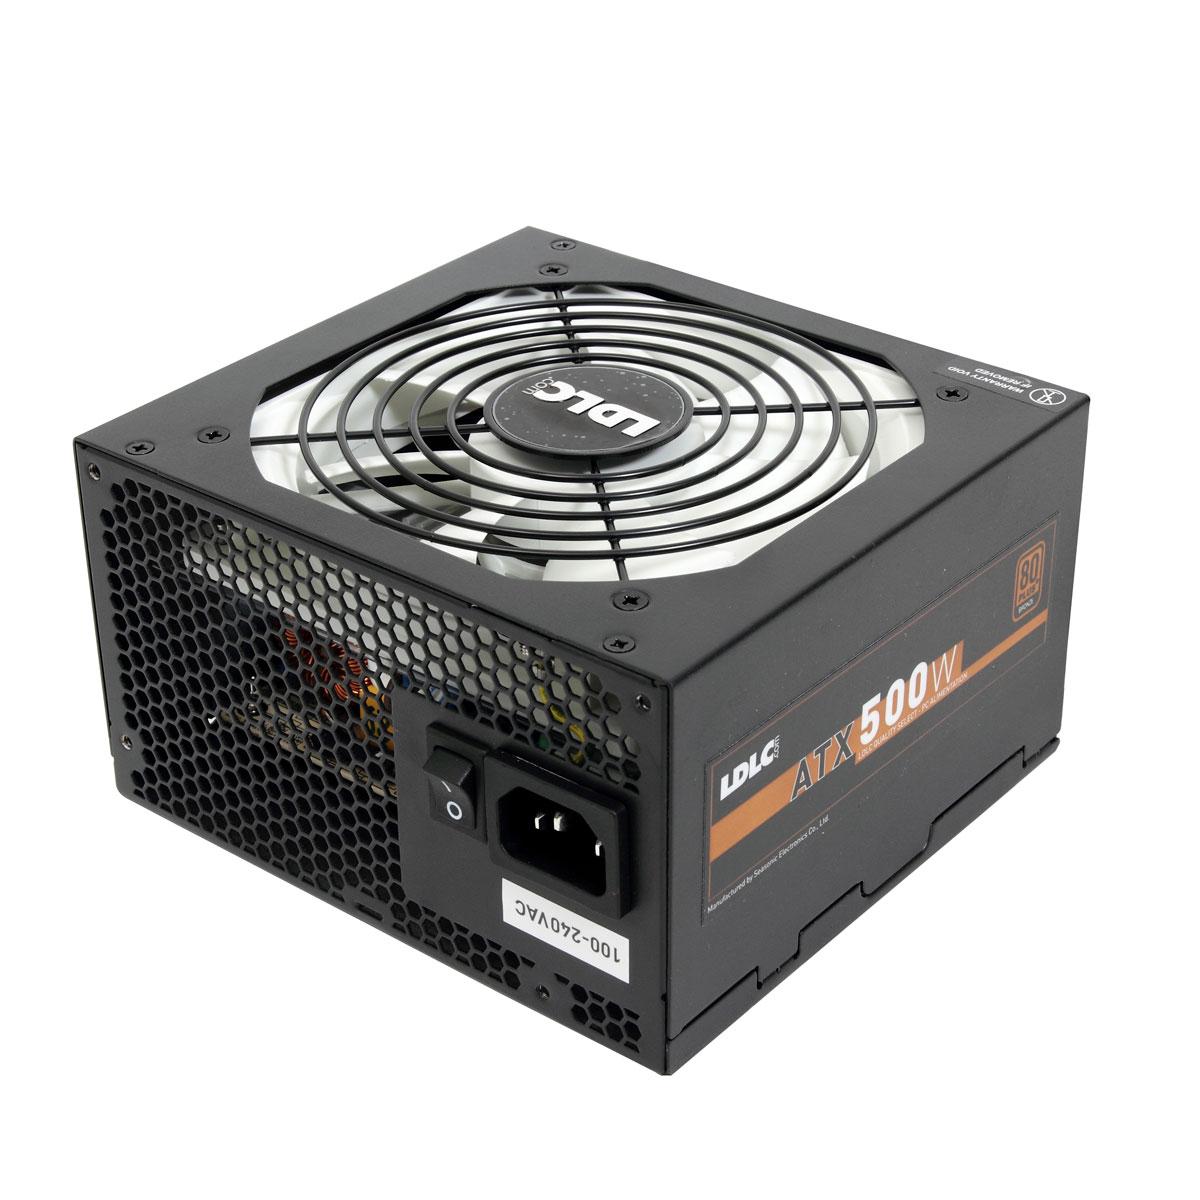 Alimentation PC LDLC BG-500 Quality Select 80PLUS Bronze Alimentation 500W ATX 12V Ventilateur 120 mm - 80PLUS Bronze